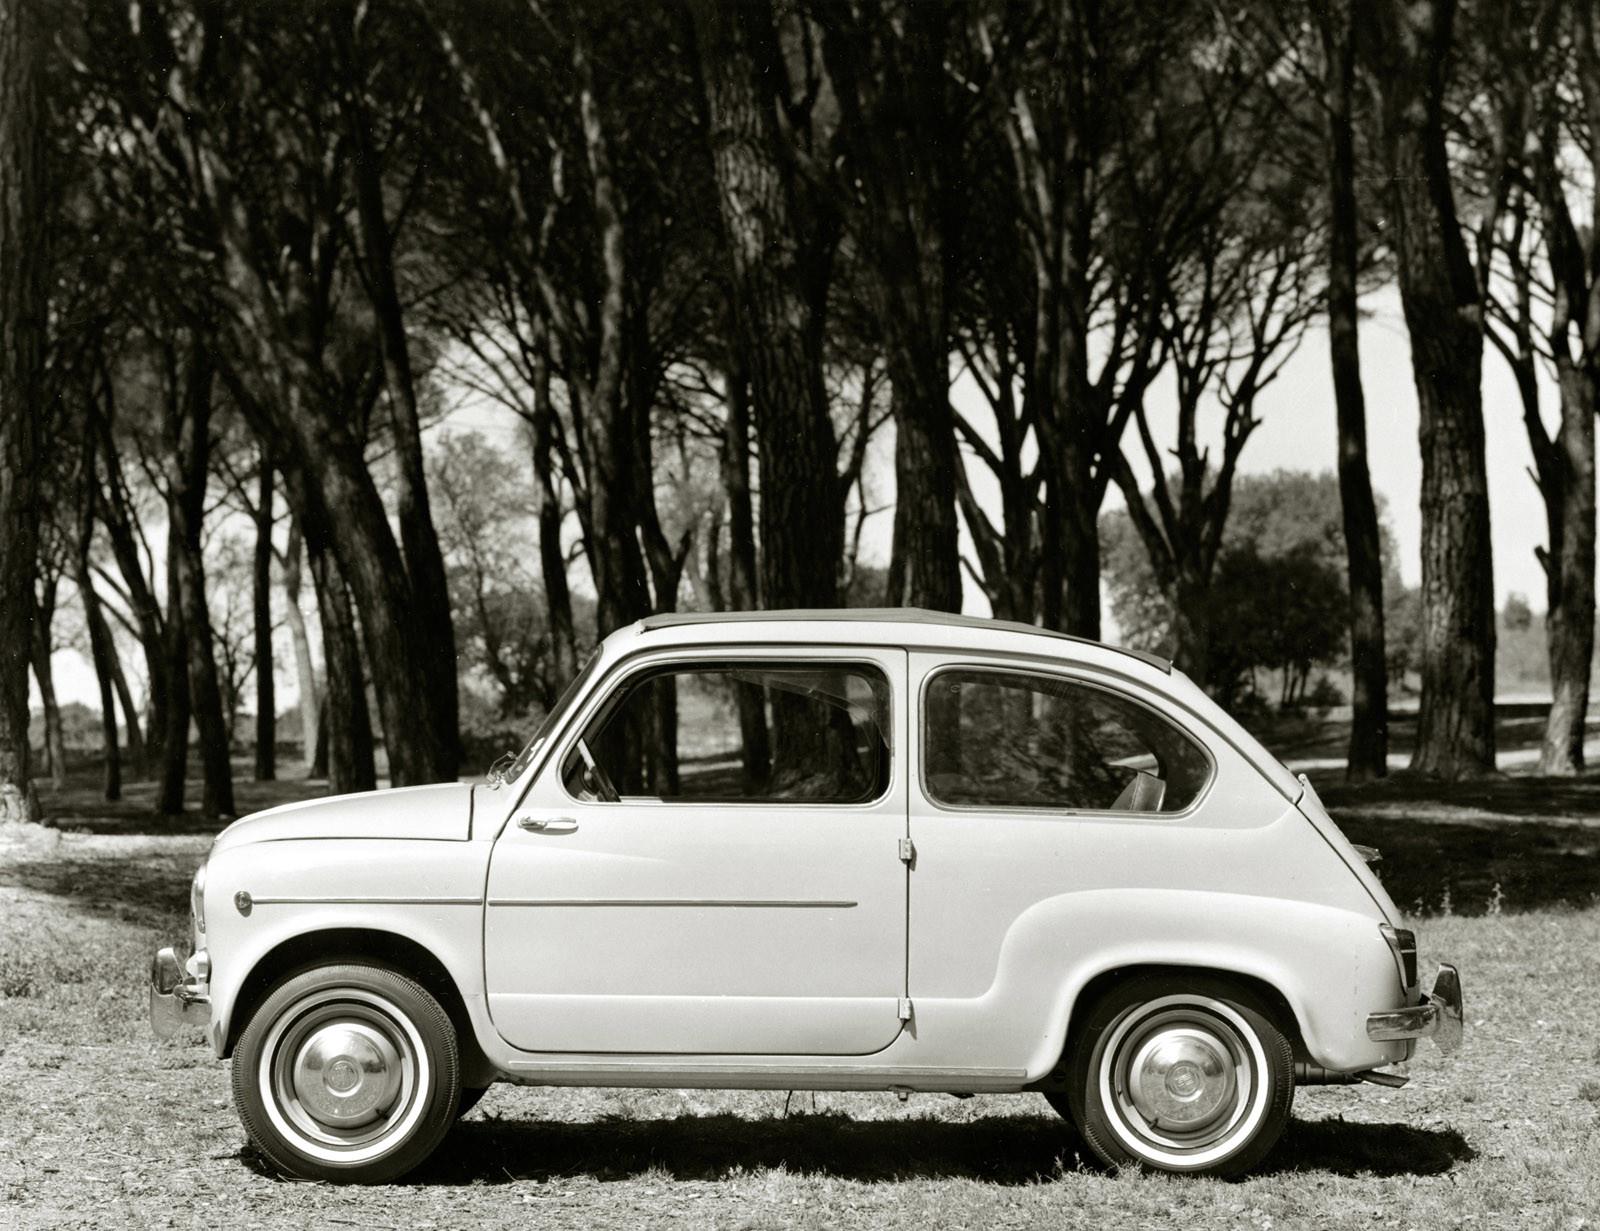 Foto de SEAT 600 (50 Aniversario) (53/64)